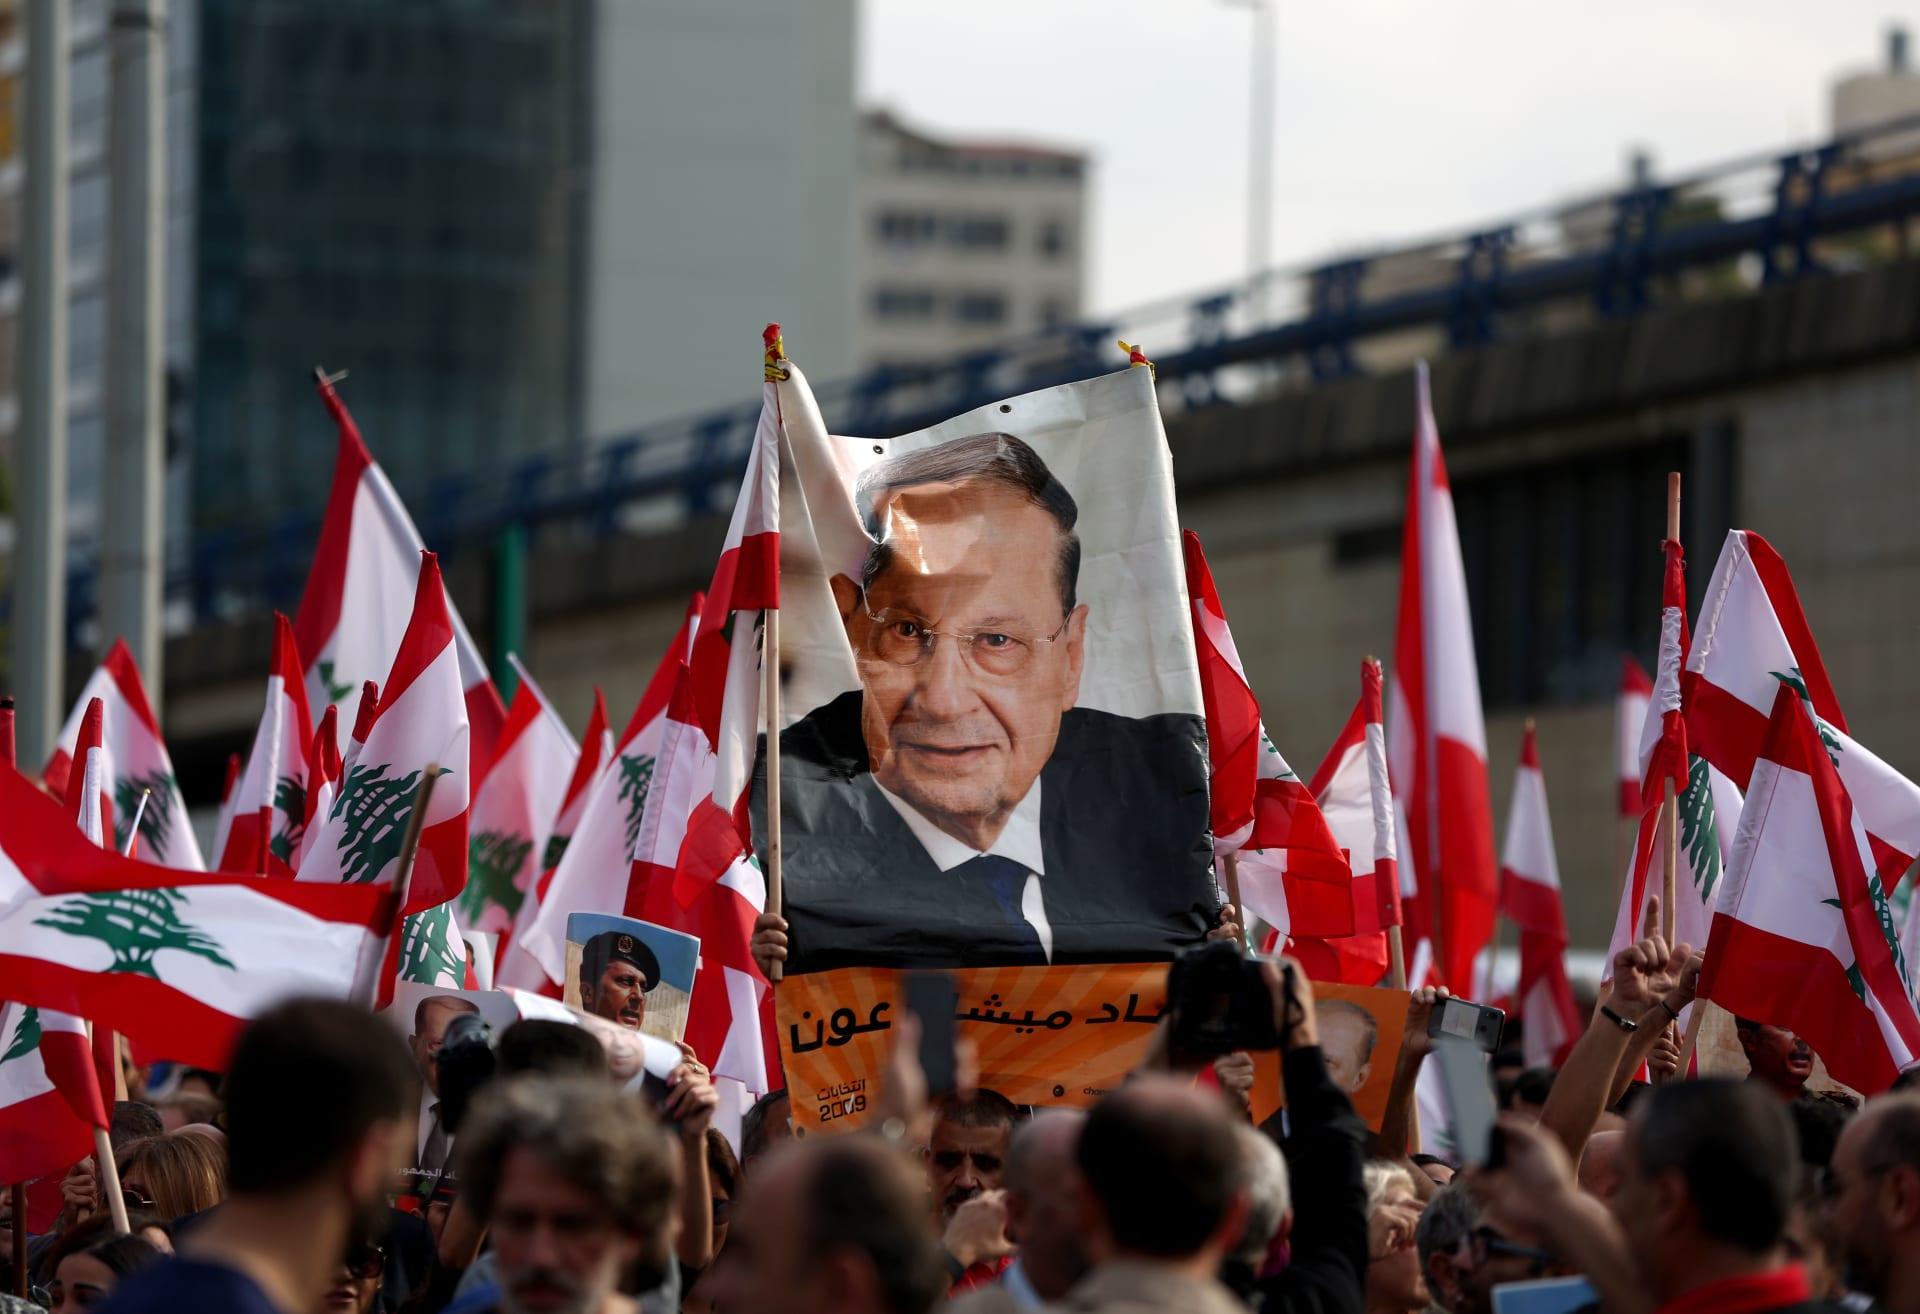 ميشال عون: أدعو لإعلان لبنان دولة مدنية.. ويجب الإصغاء إلى مطالب تغيير النظام